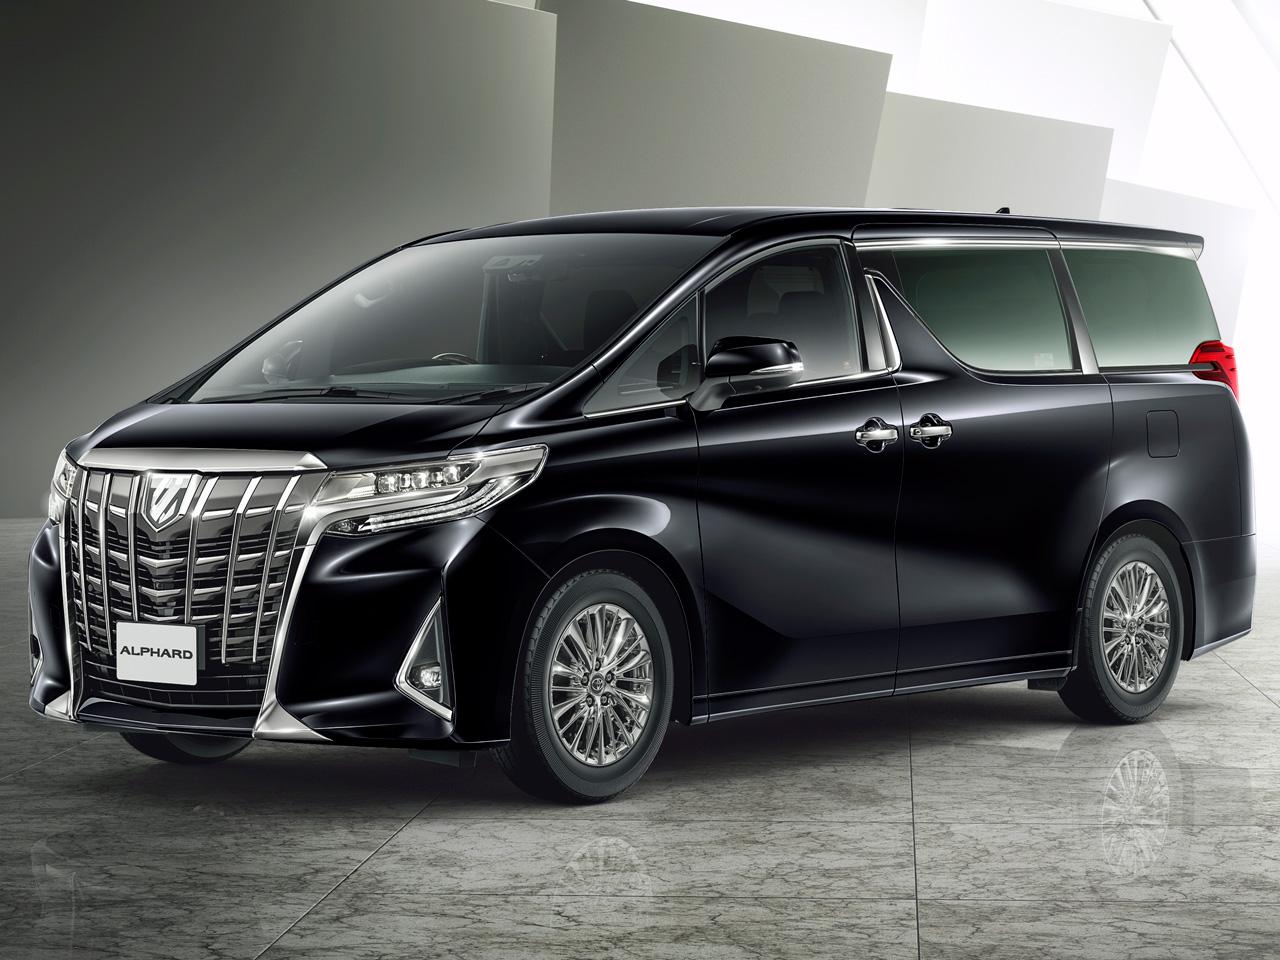 トヨタ アルファード 2015年モデル 新車画像